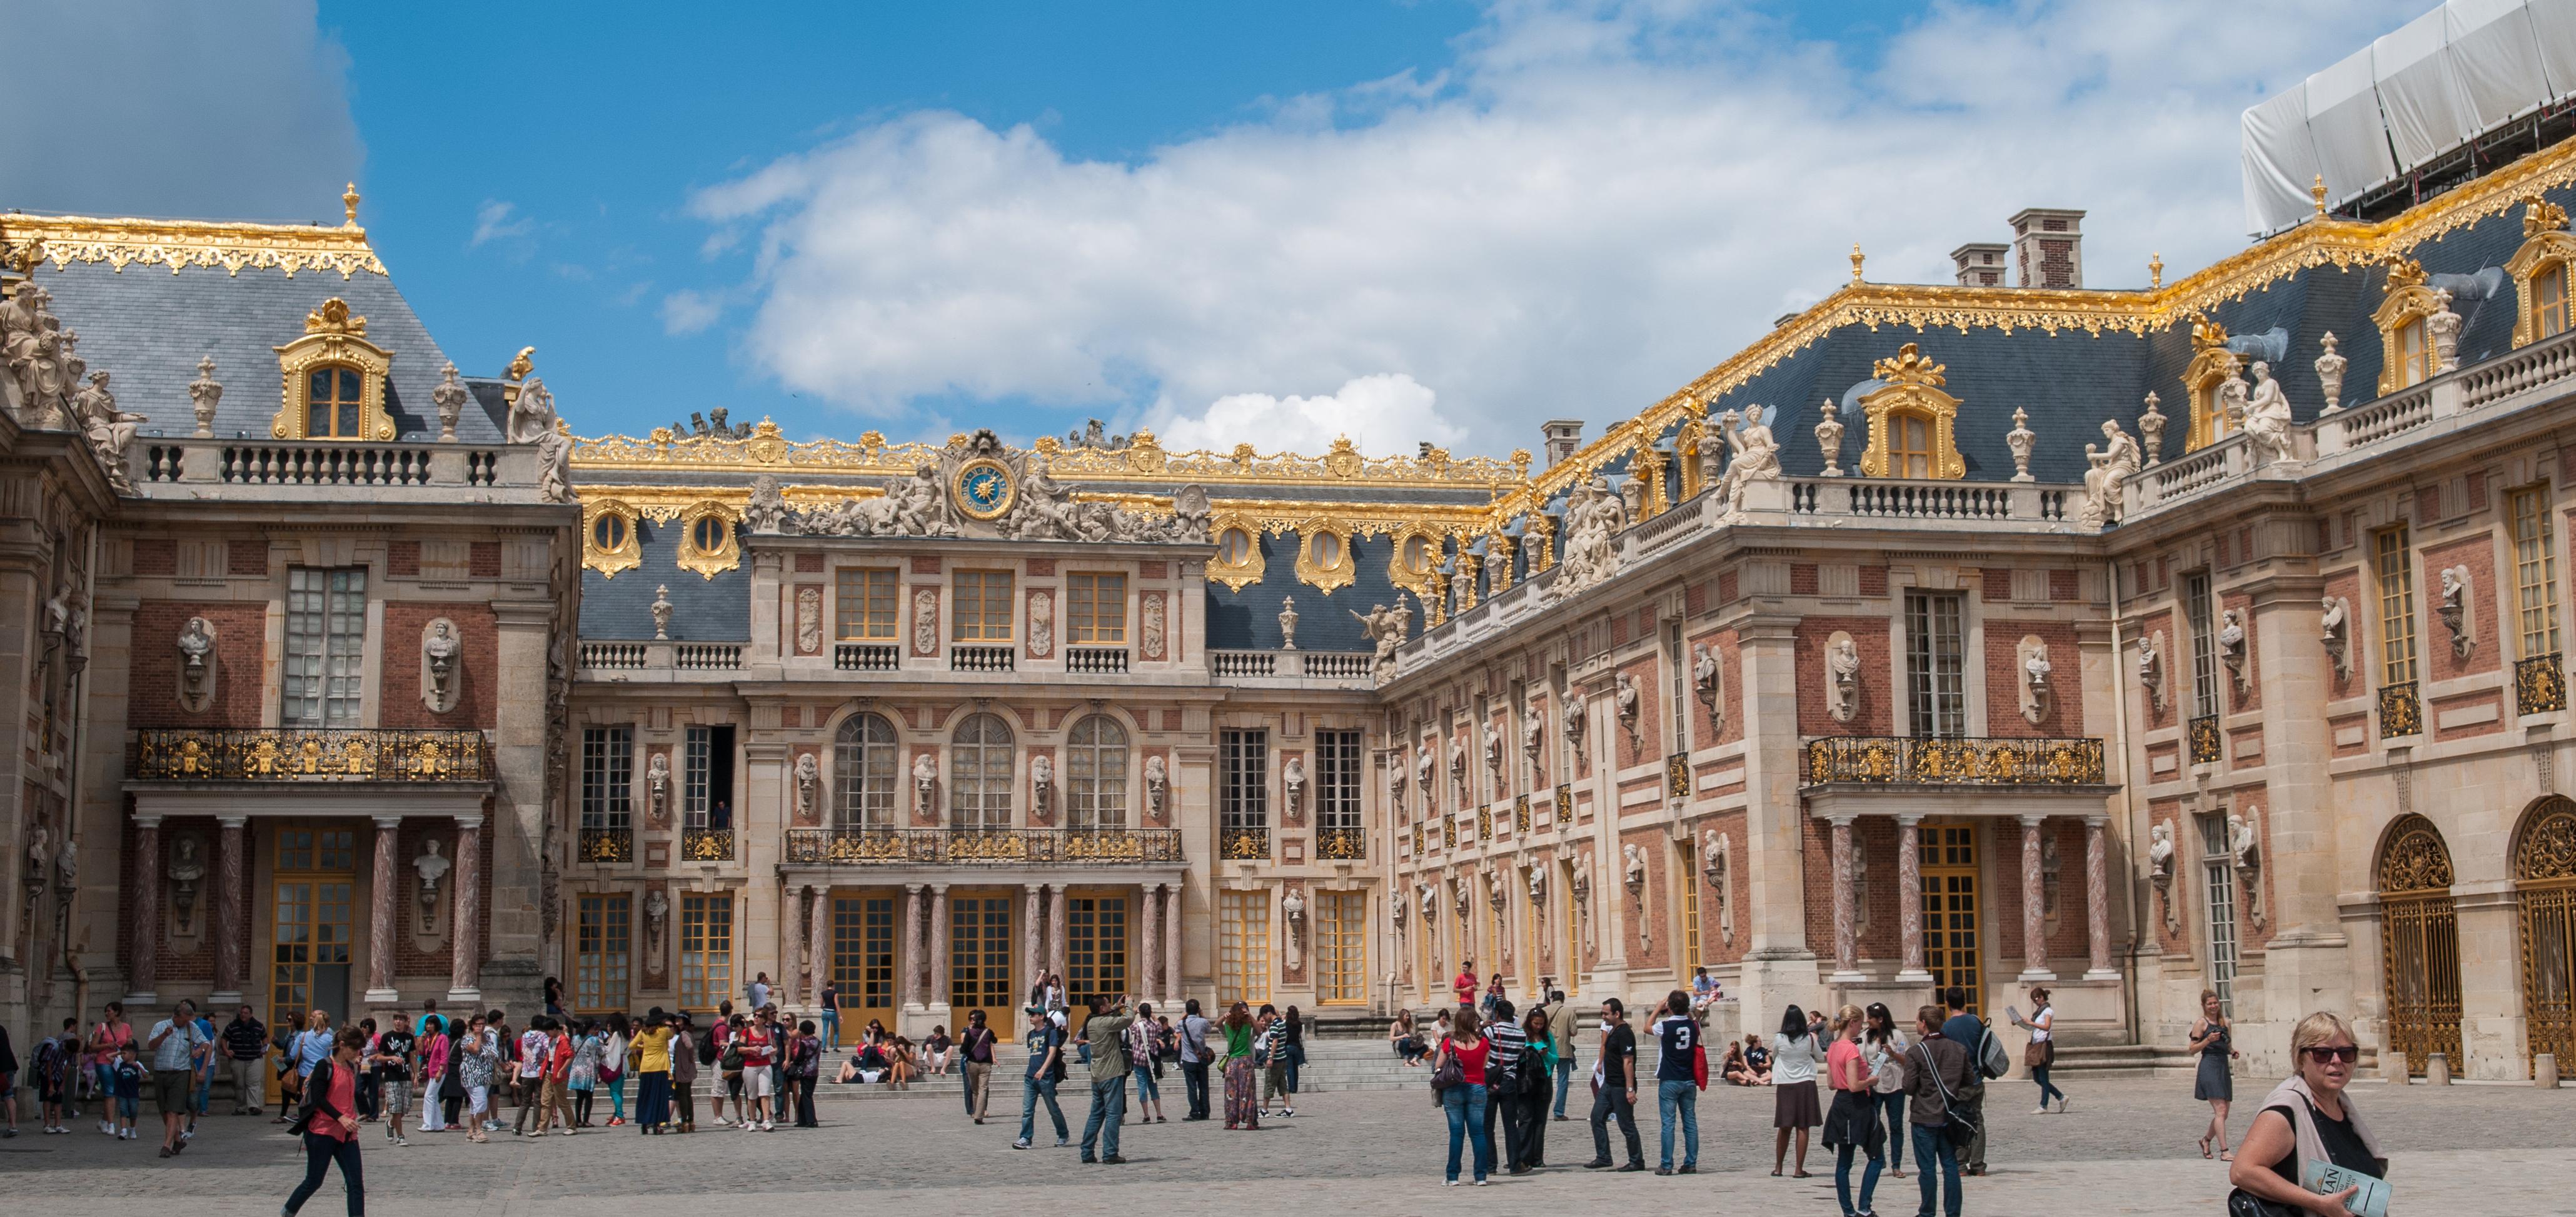 File chateau de versailles france 8132703598 2 jpg wikimedia commons - Photo chateau de versailles ...